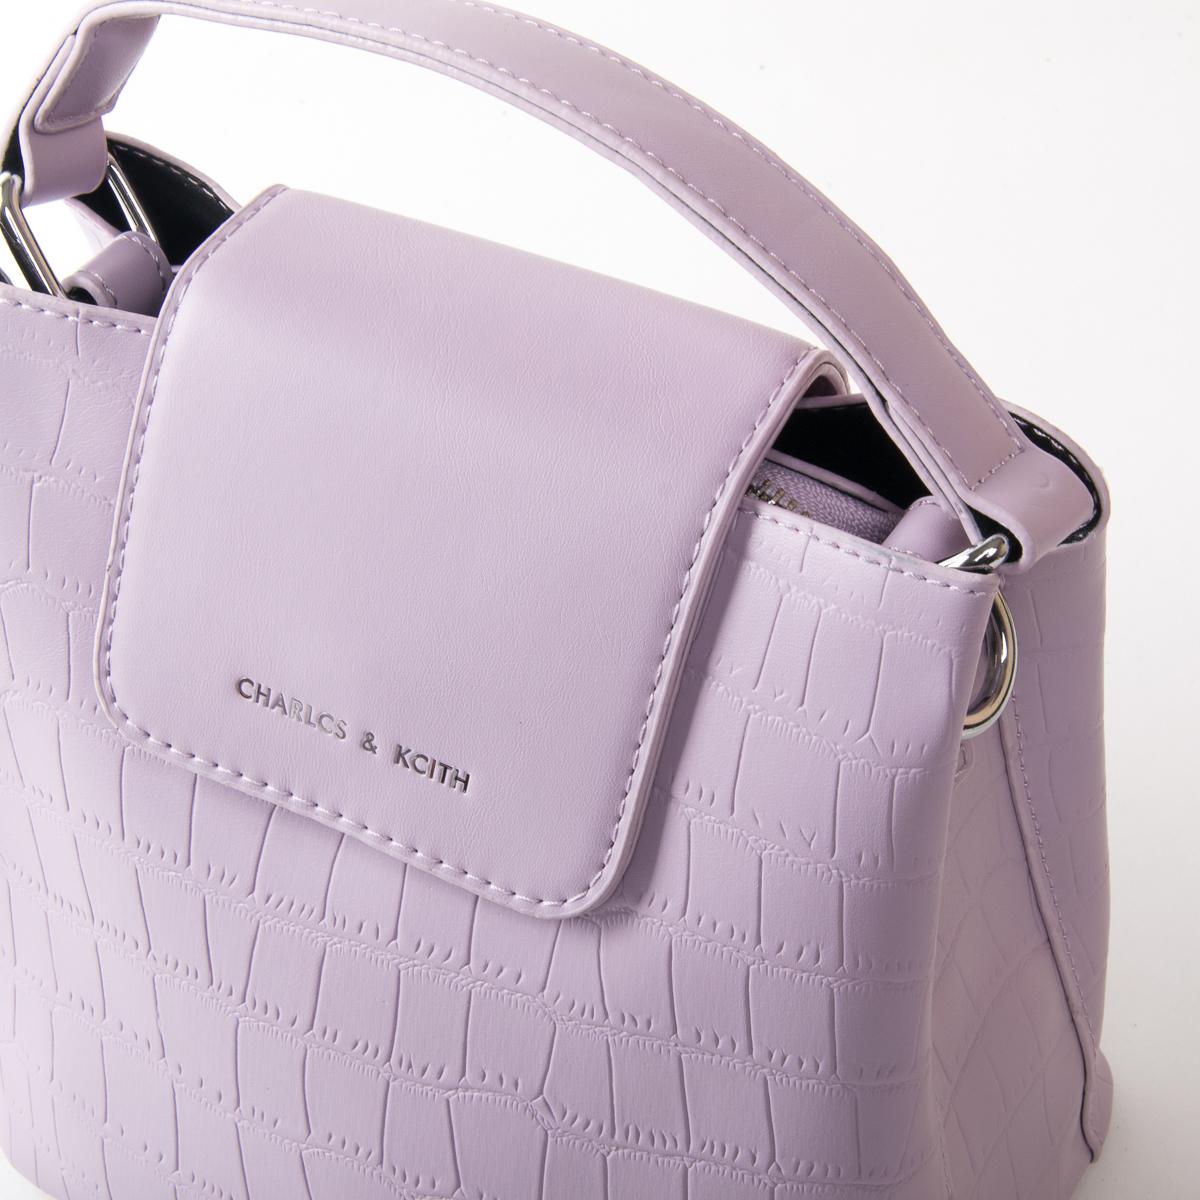 Сумка Женская Классическая иск-кожа FASHION 01-03 16905 purple - фото 3